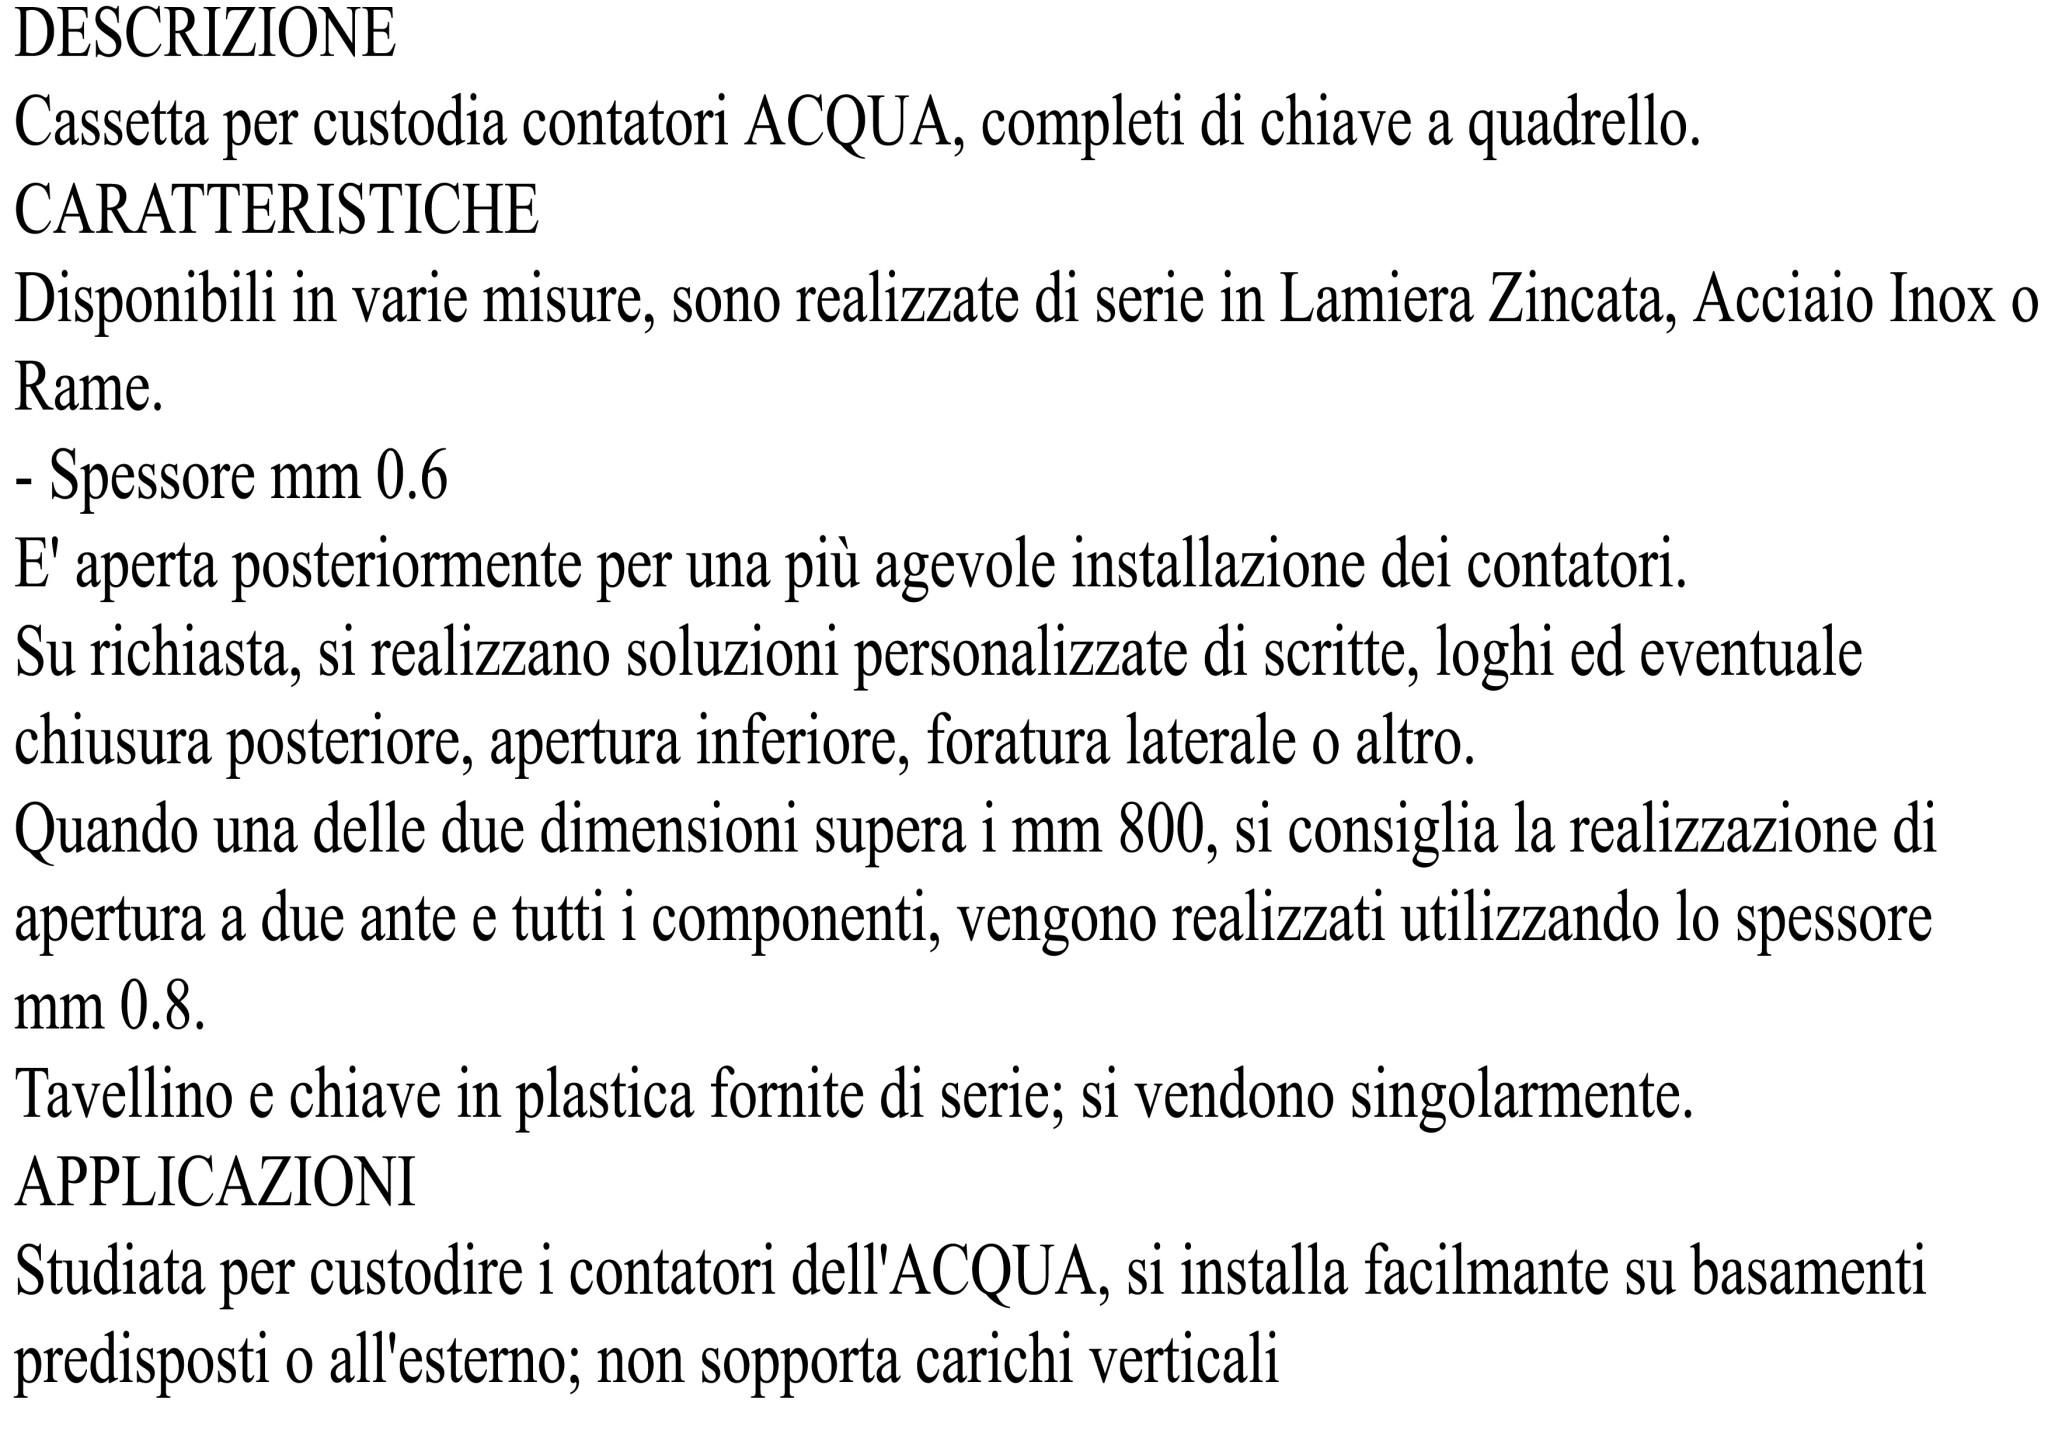 casacq2